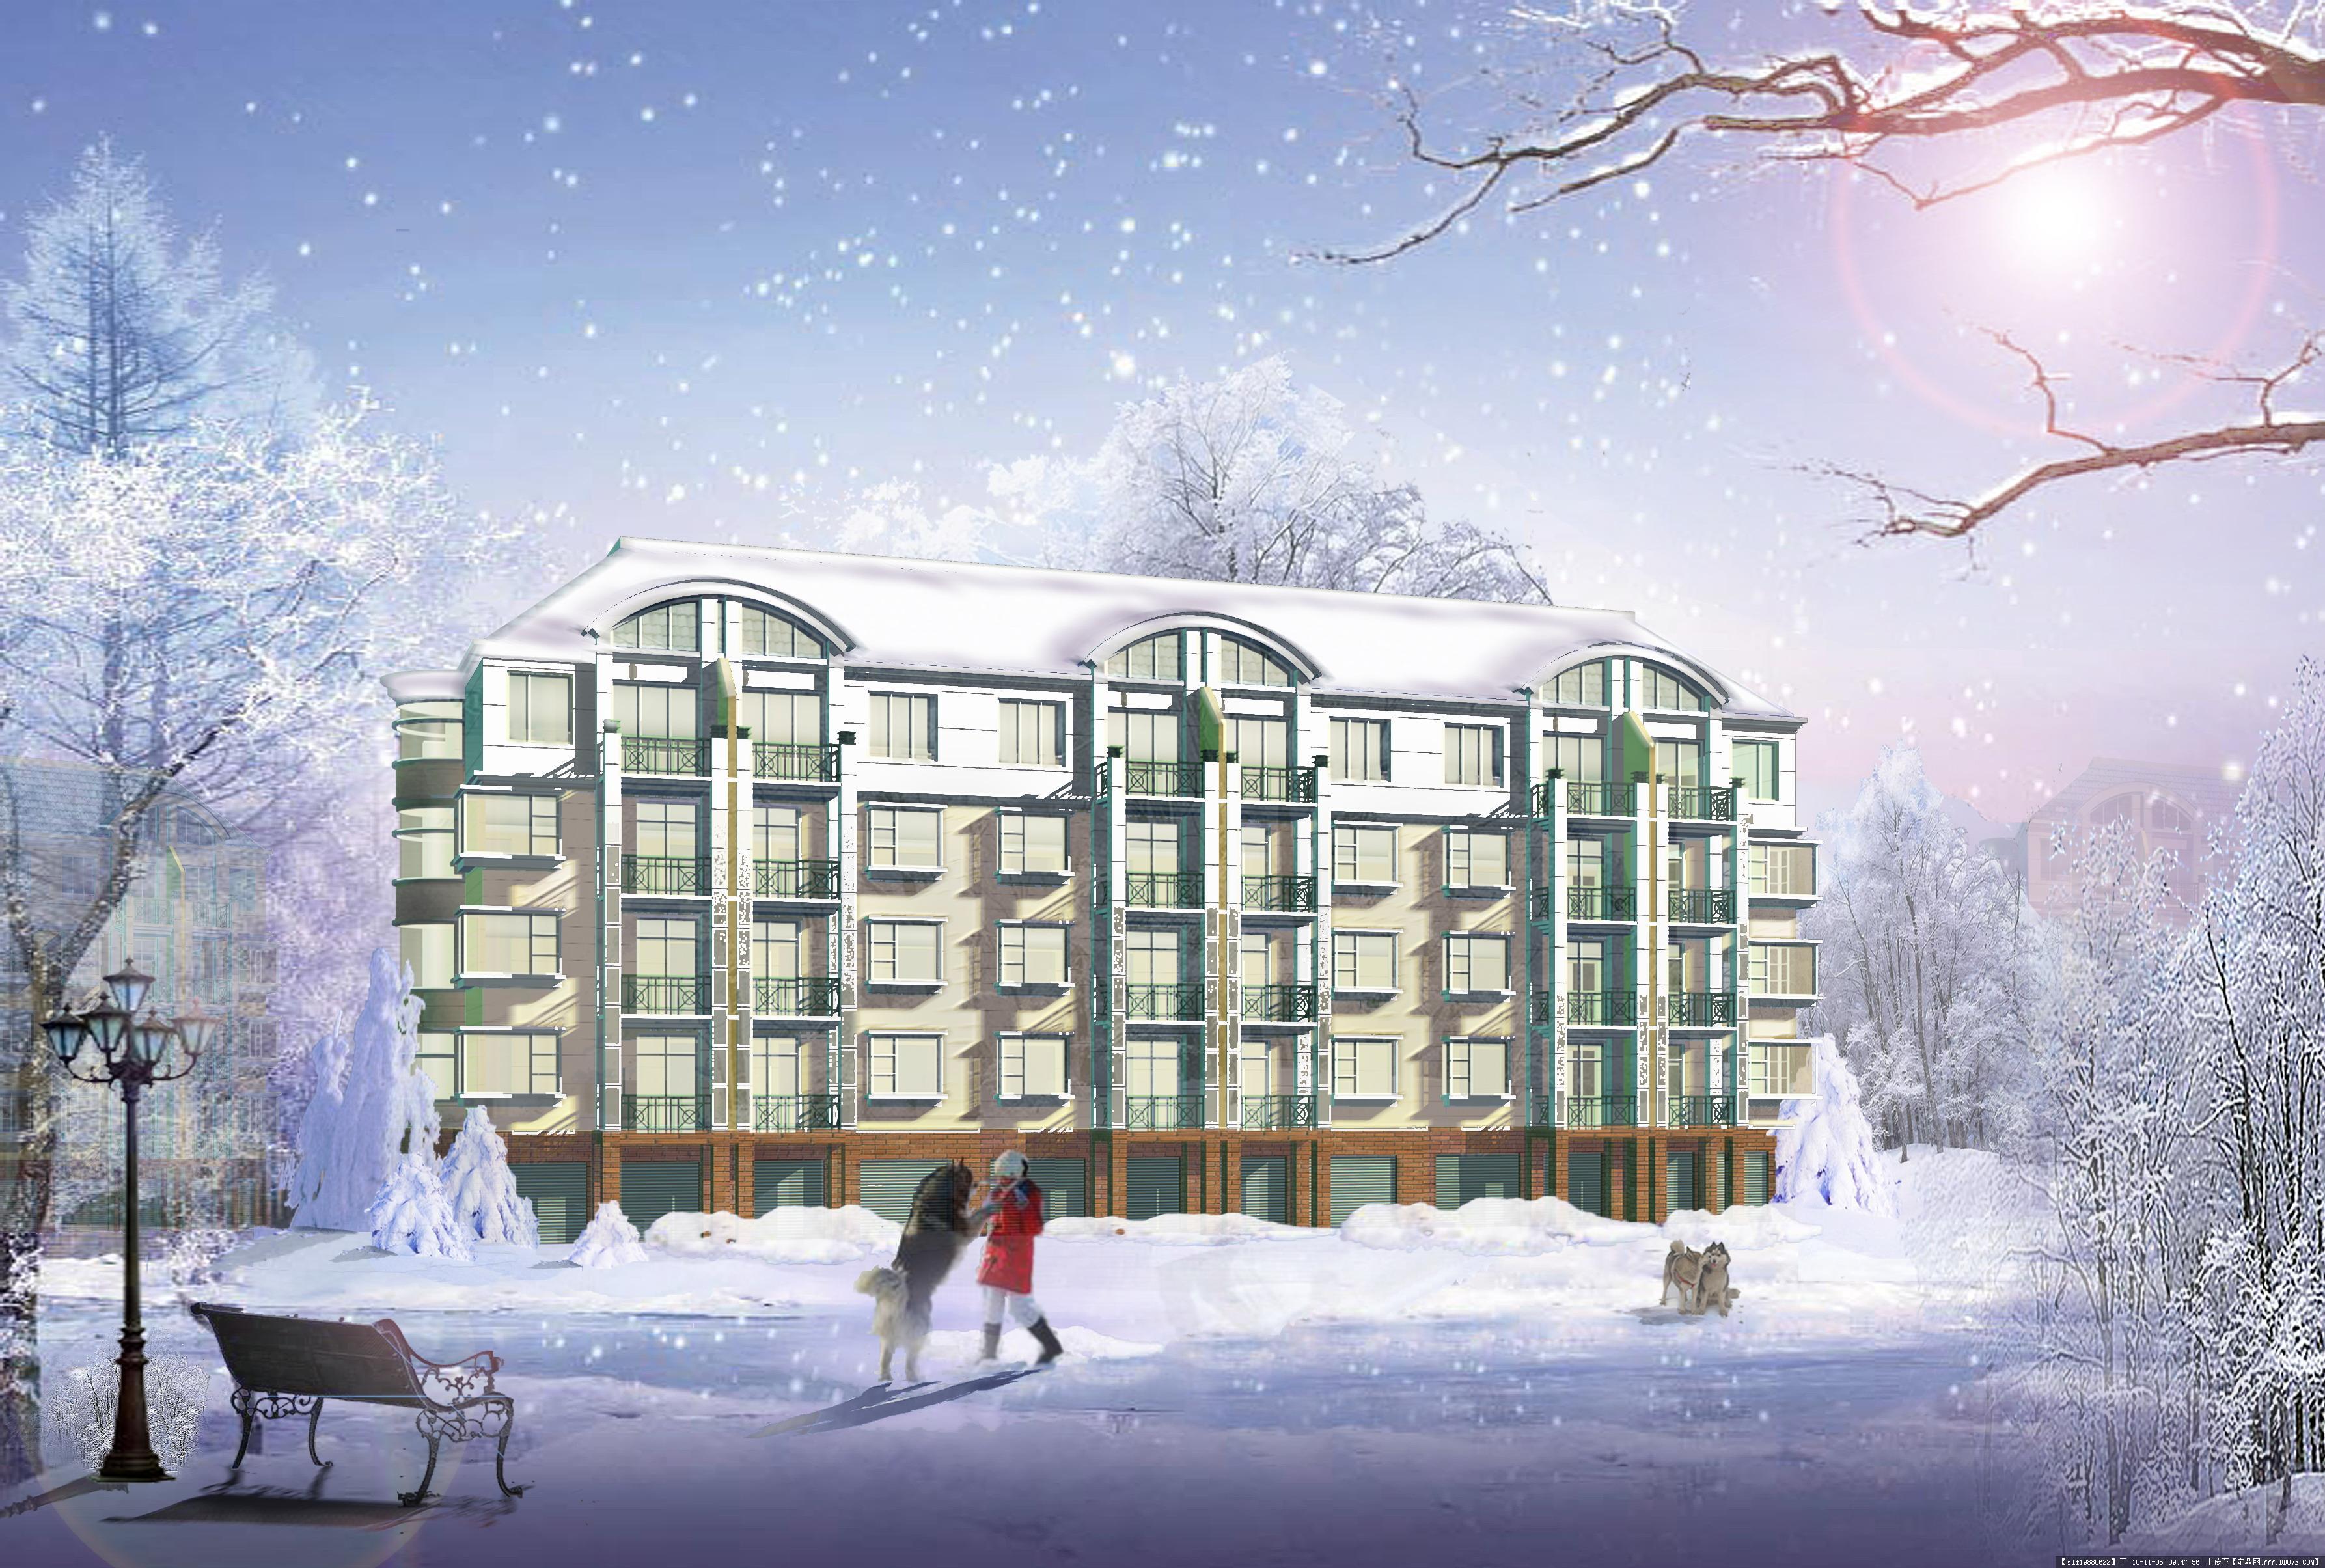 雪景建筑3d效果图